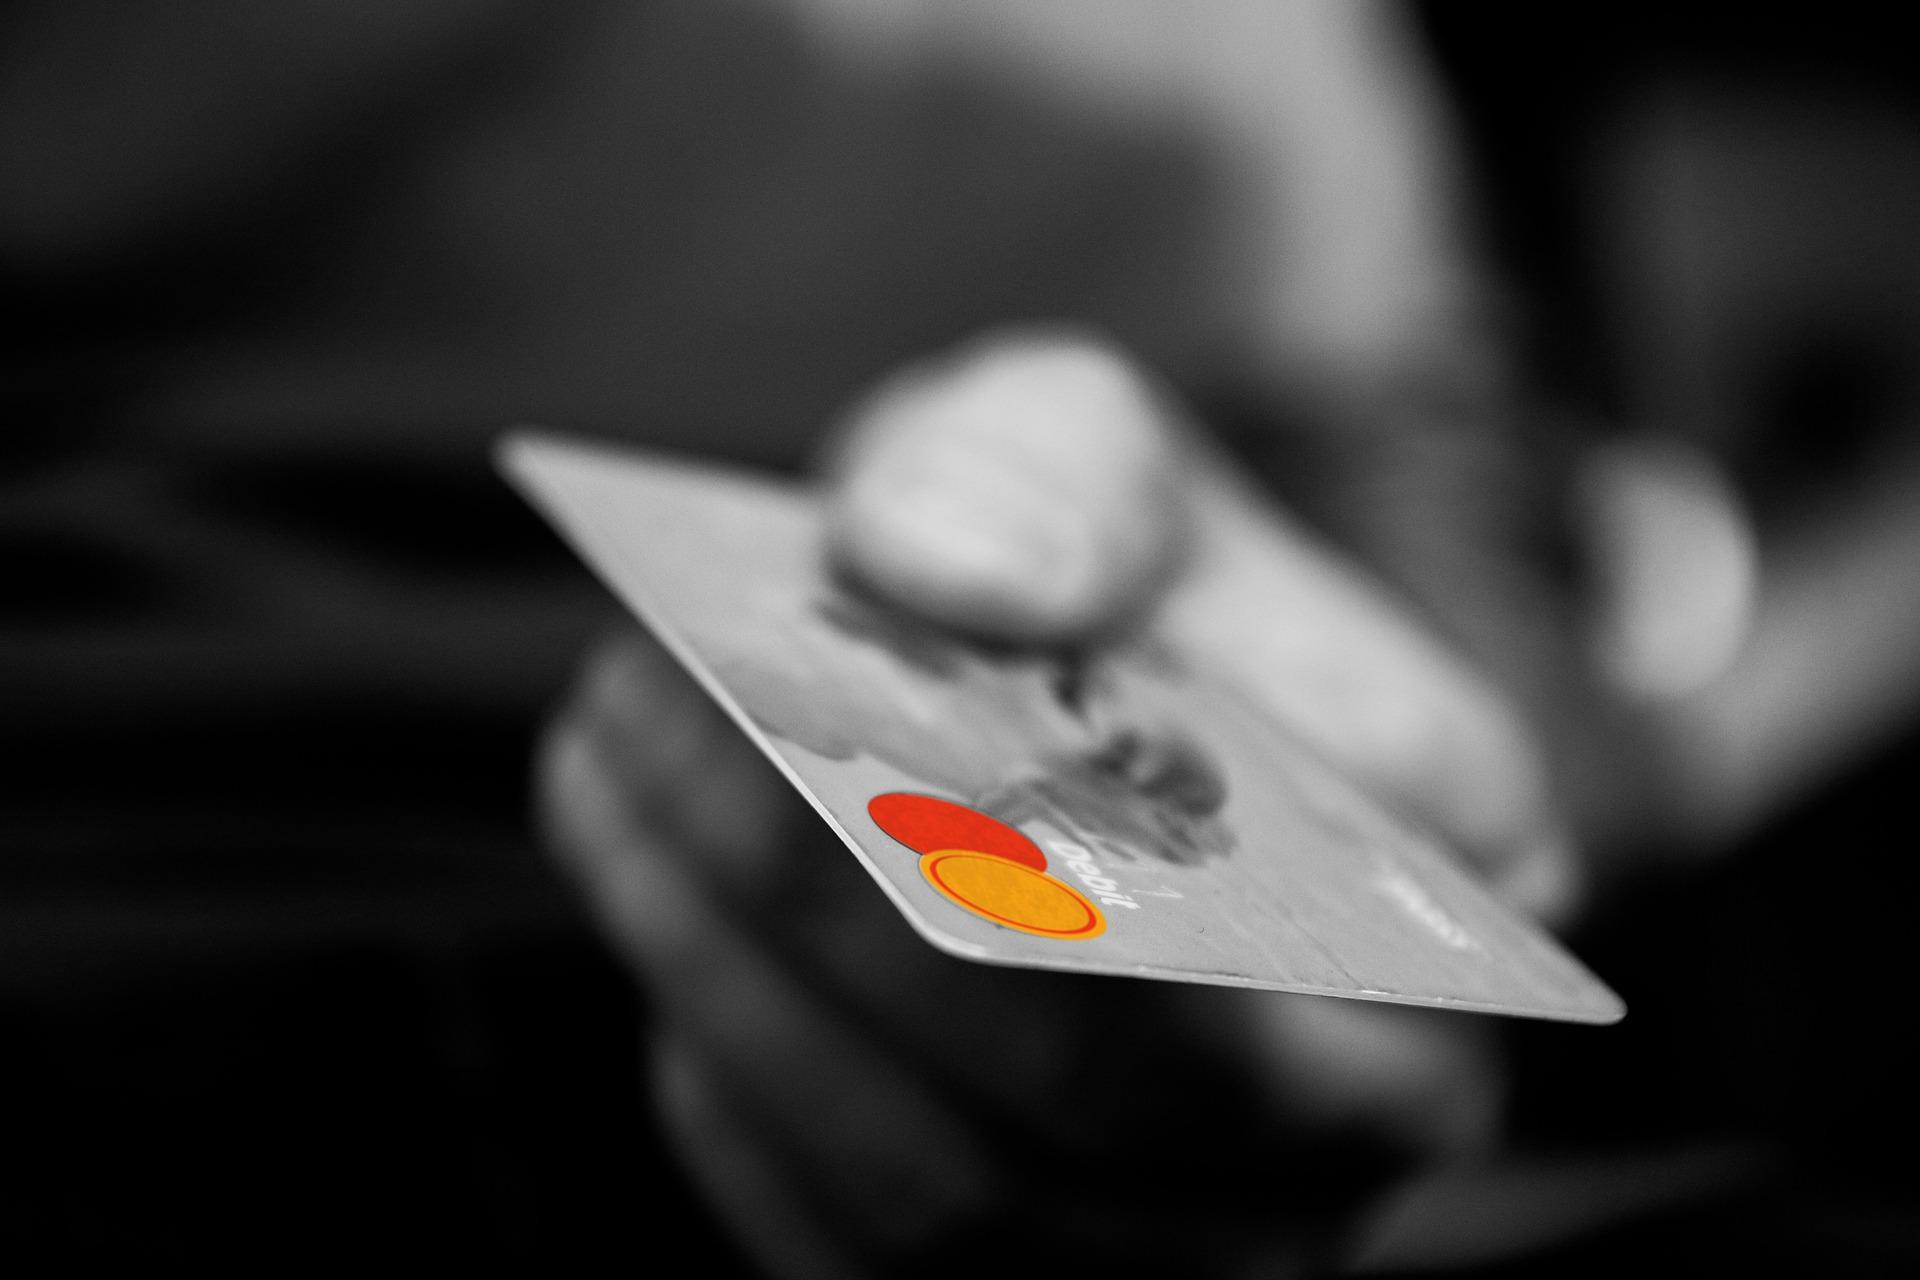 Analisis sobre si el movil conseguirá sustituir a las tarjetas monedero